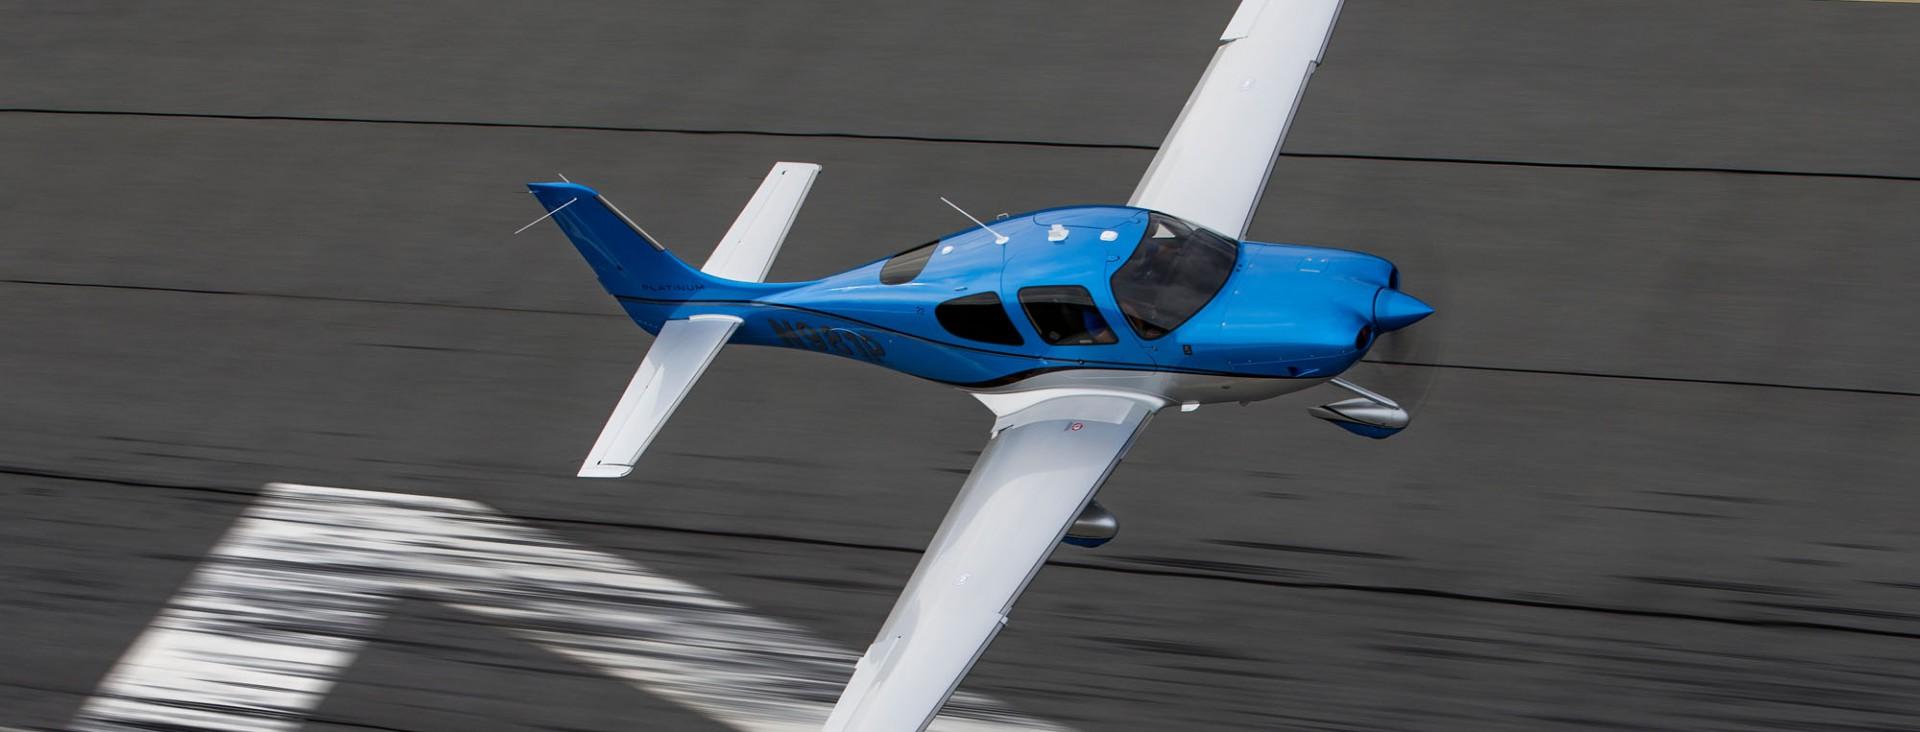 2016 Cirrus SR22 1920x732 cirrus aircraft sr22  at edmiracle.co